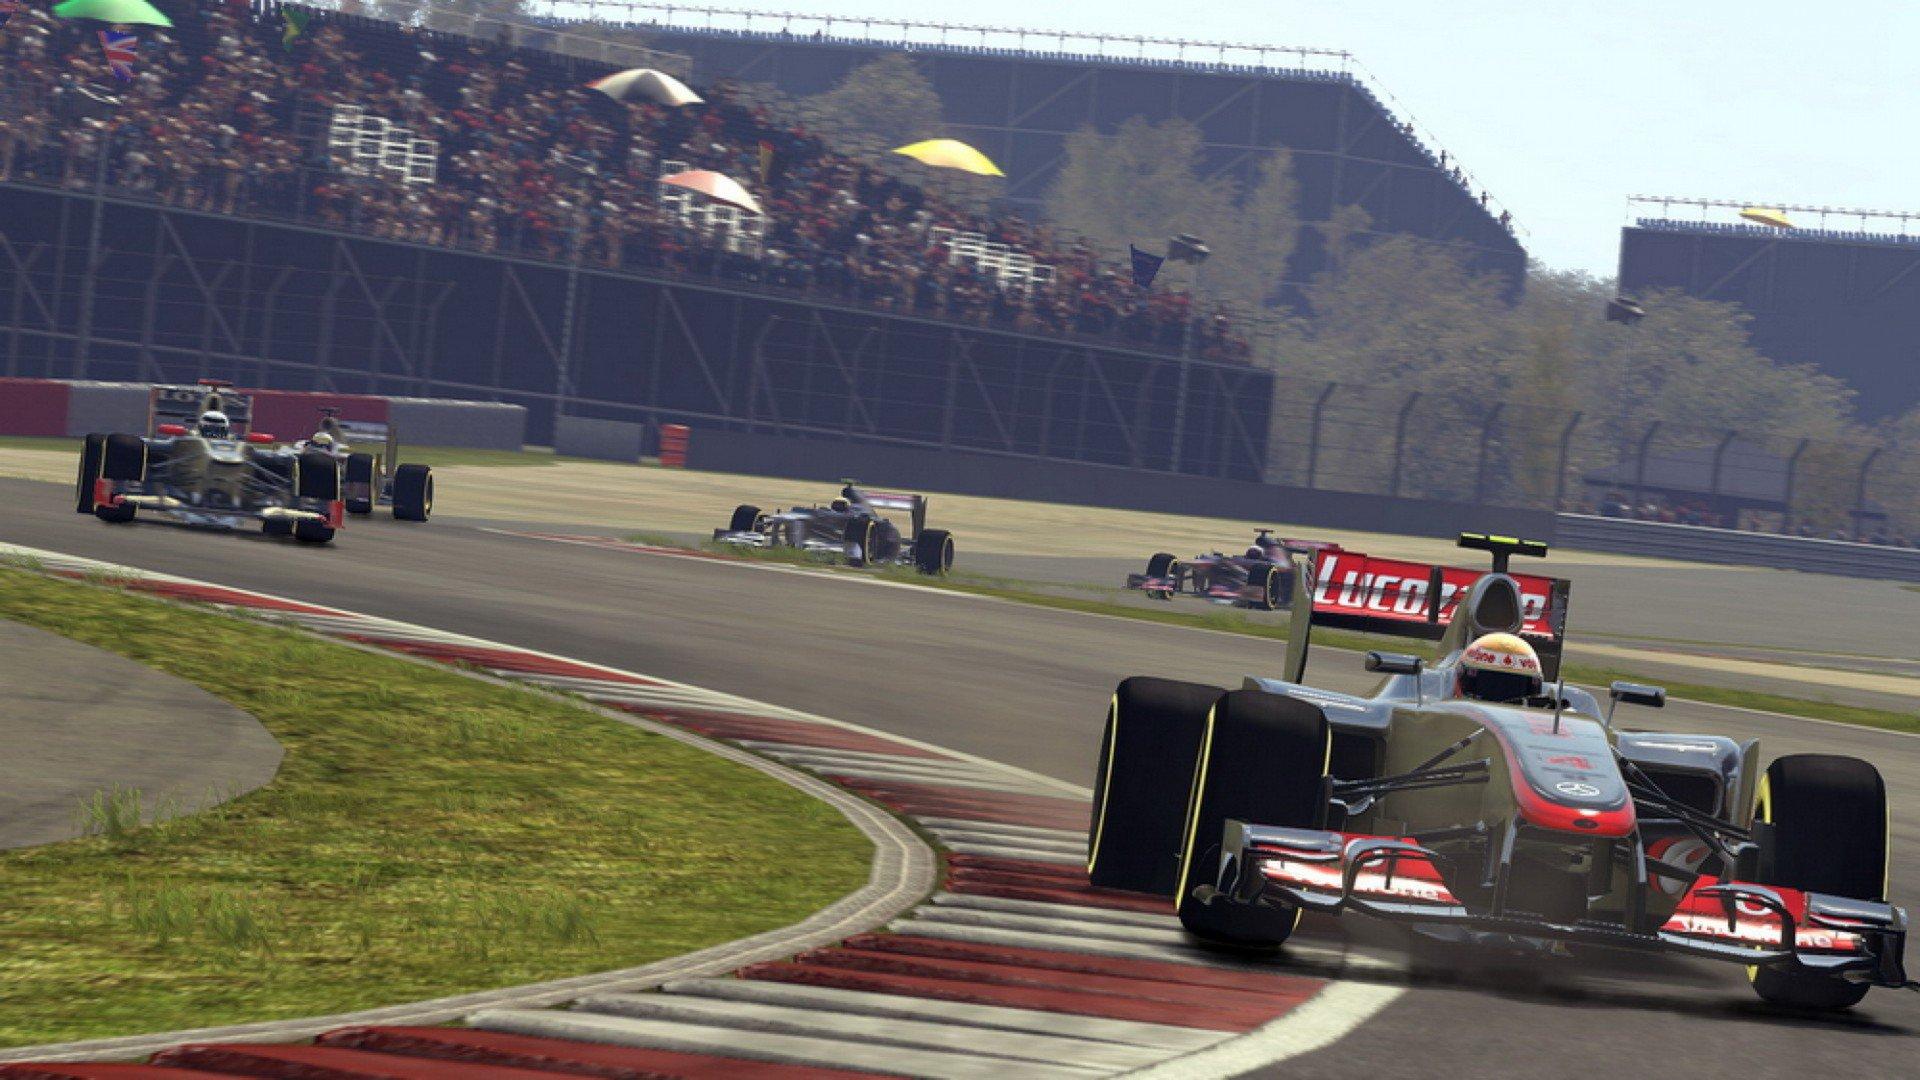 Formula 1, F1 2012 2